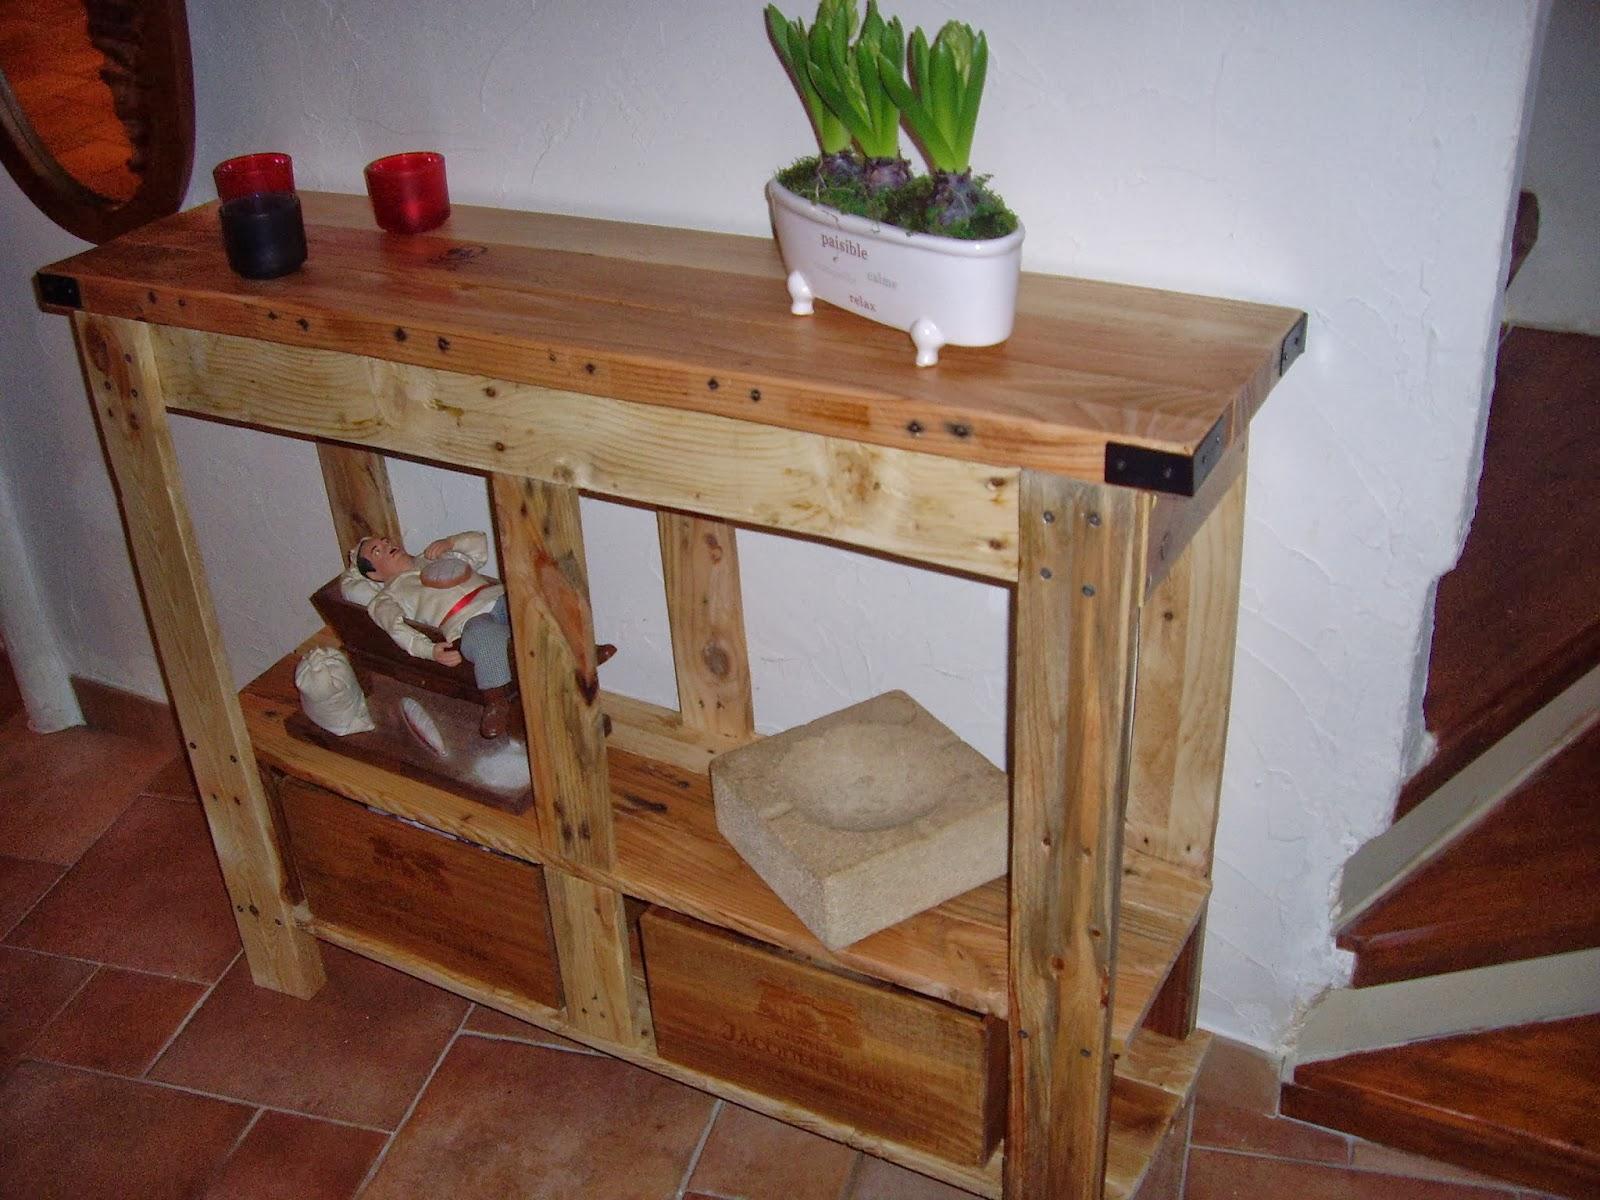 objets d co tutoriels et meubles en bois de palettes console en bois de palette suite. Black Bedroom Furniture Sets. Home Design Ideas